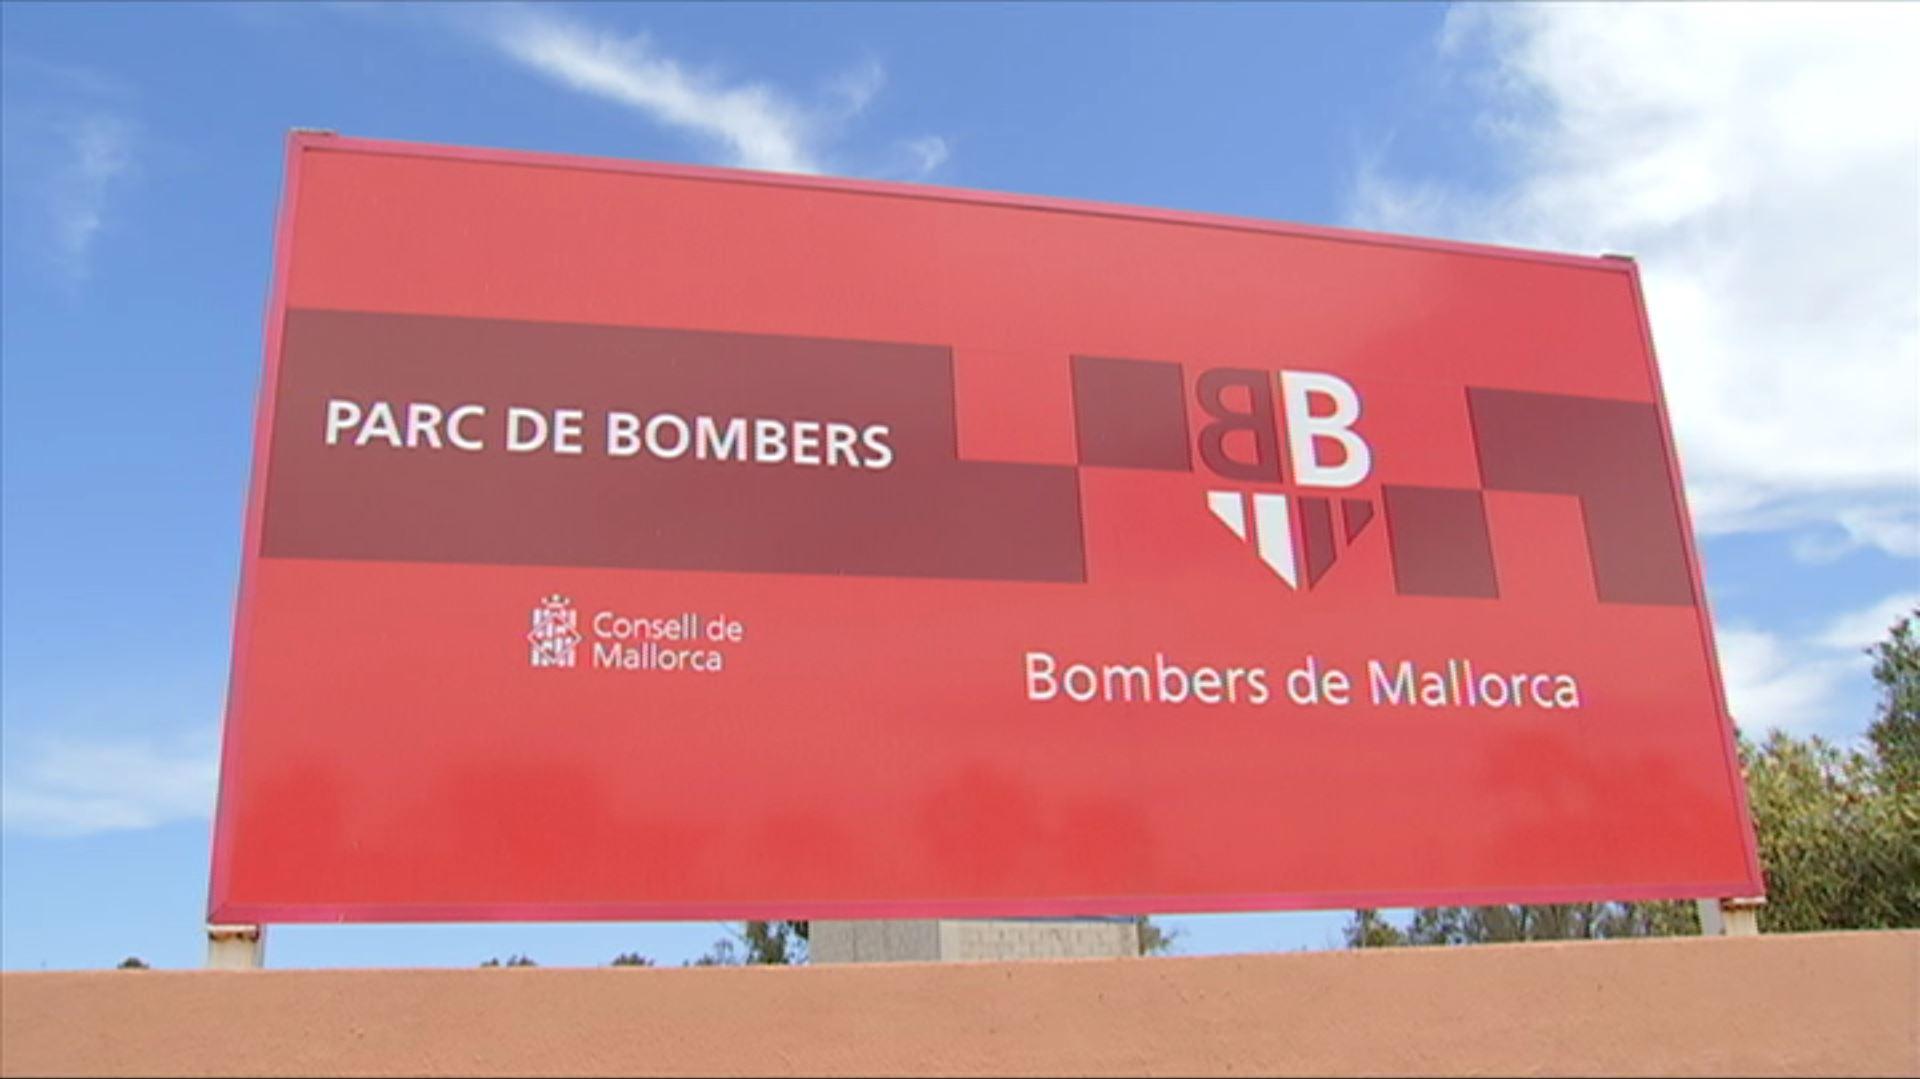 La+manca+de+personal+als+Bombers+de+Mallorca+provoca+ab%C3%BAs+d%27hores+extra